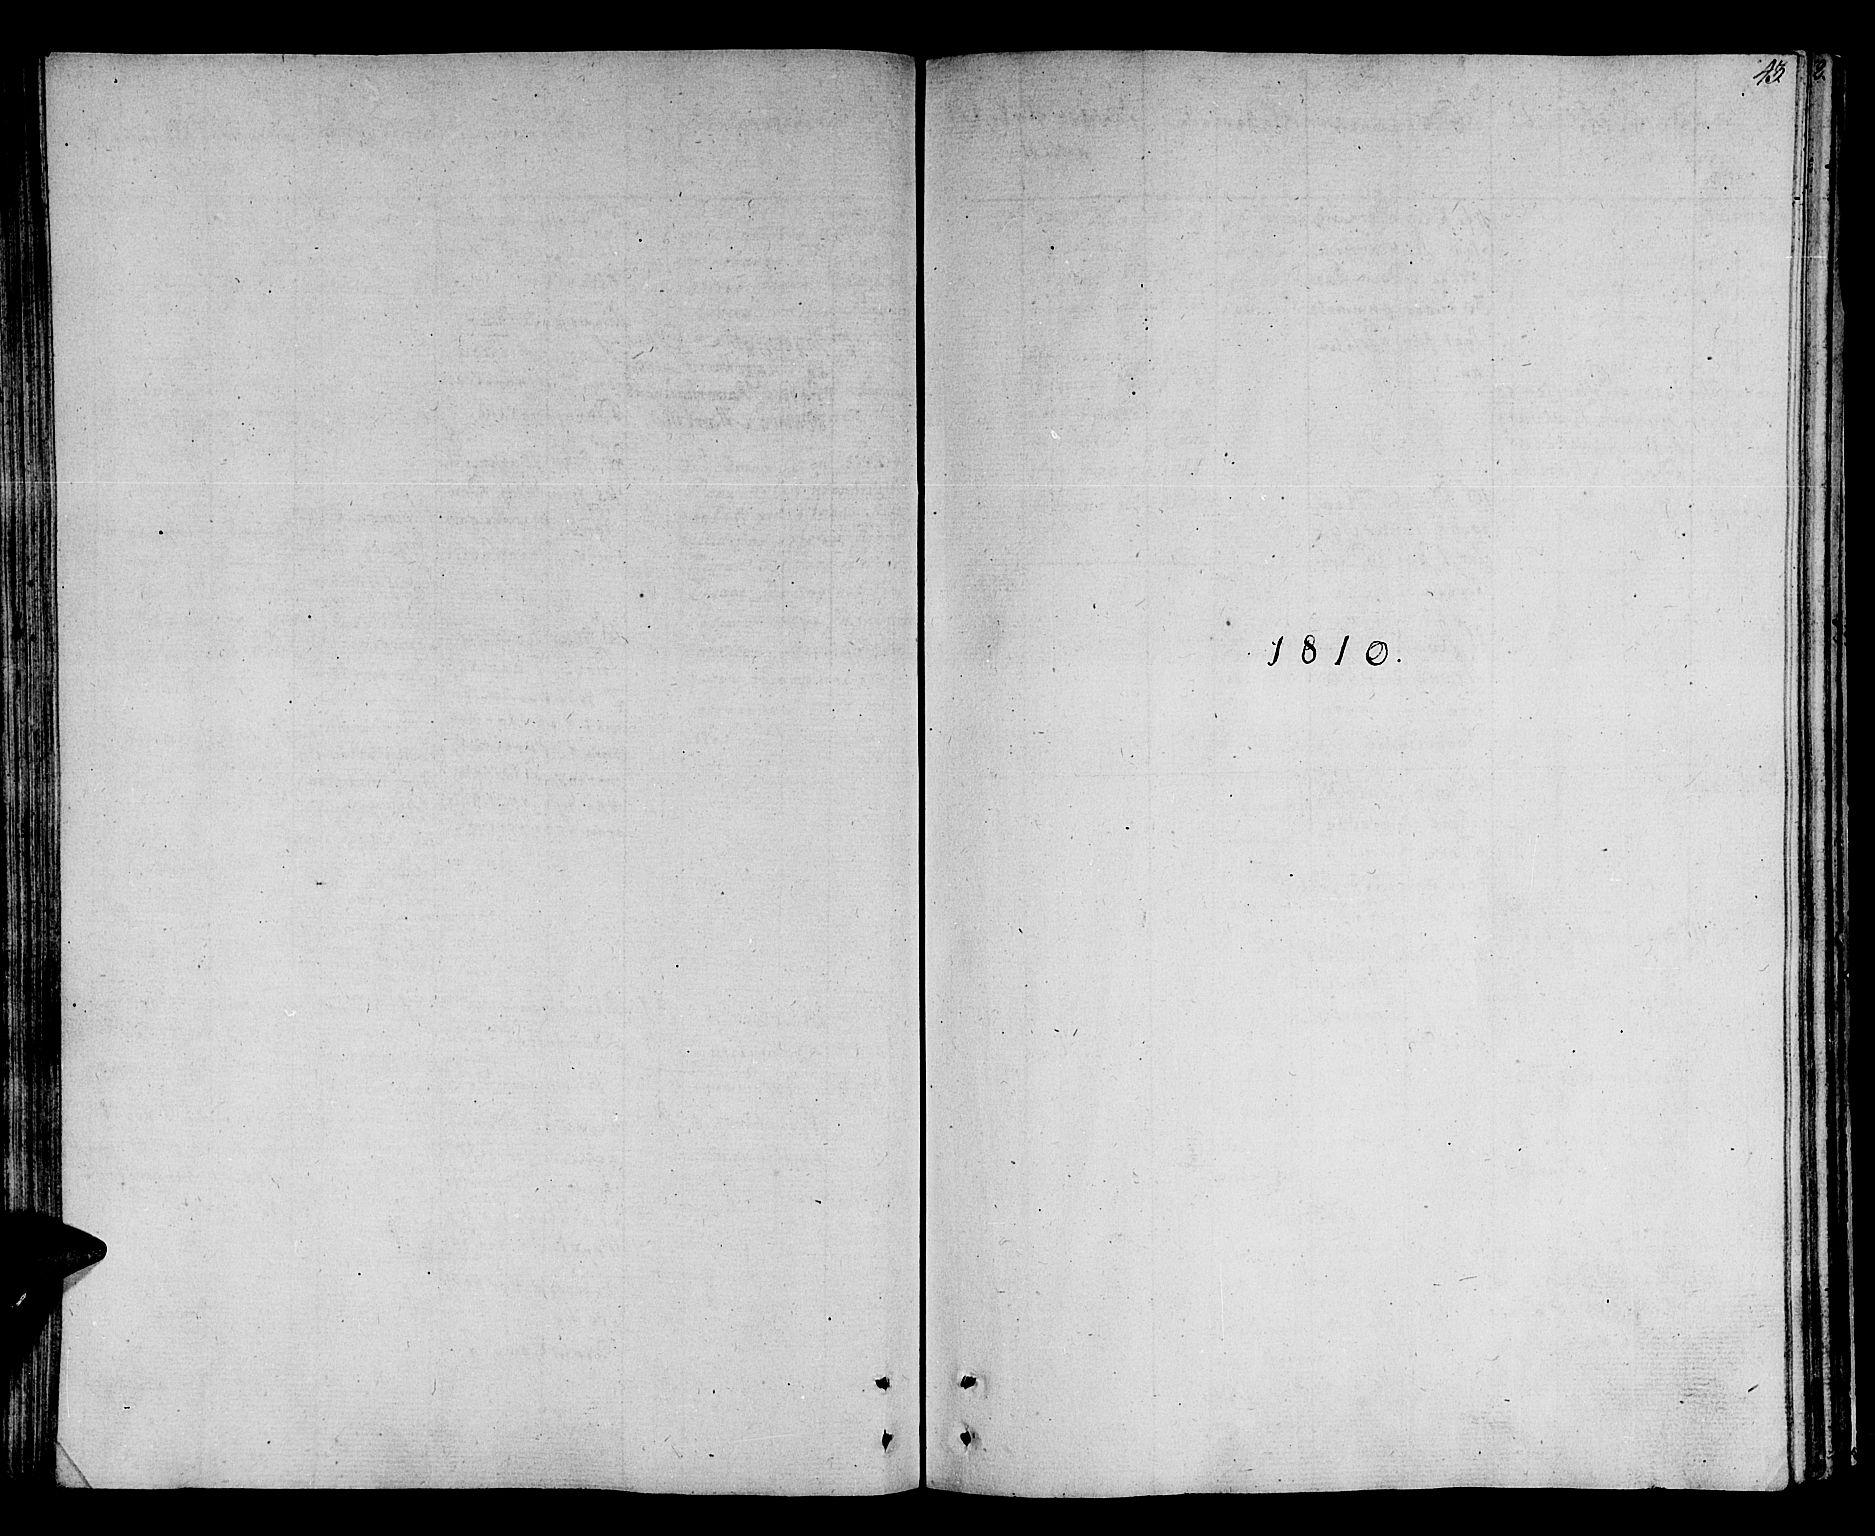 SAT, Ministerialprotokoller, klokkerbøker og fødselsregistre - Sør-Trøndelag, 678/L0894: Ministerialbok nr. 678A04, 1806-1815, s. 43